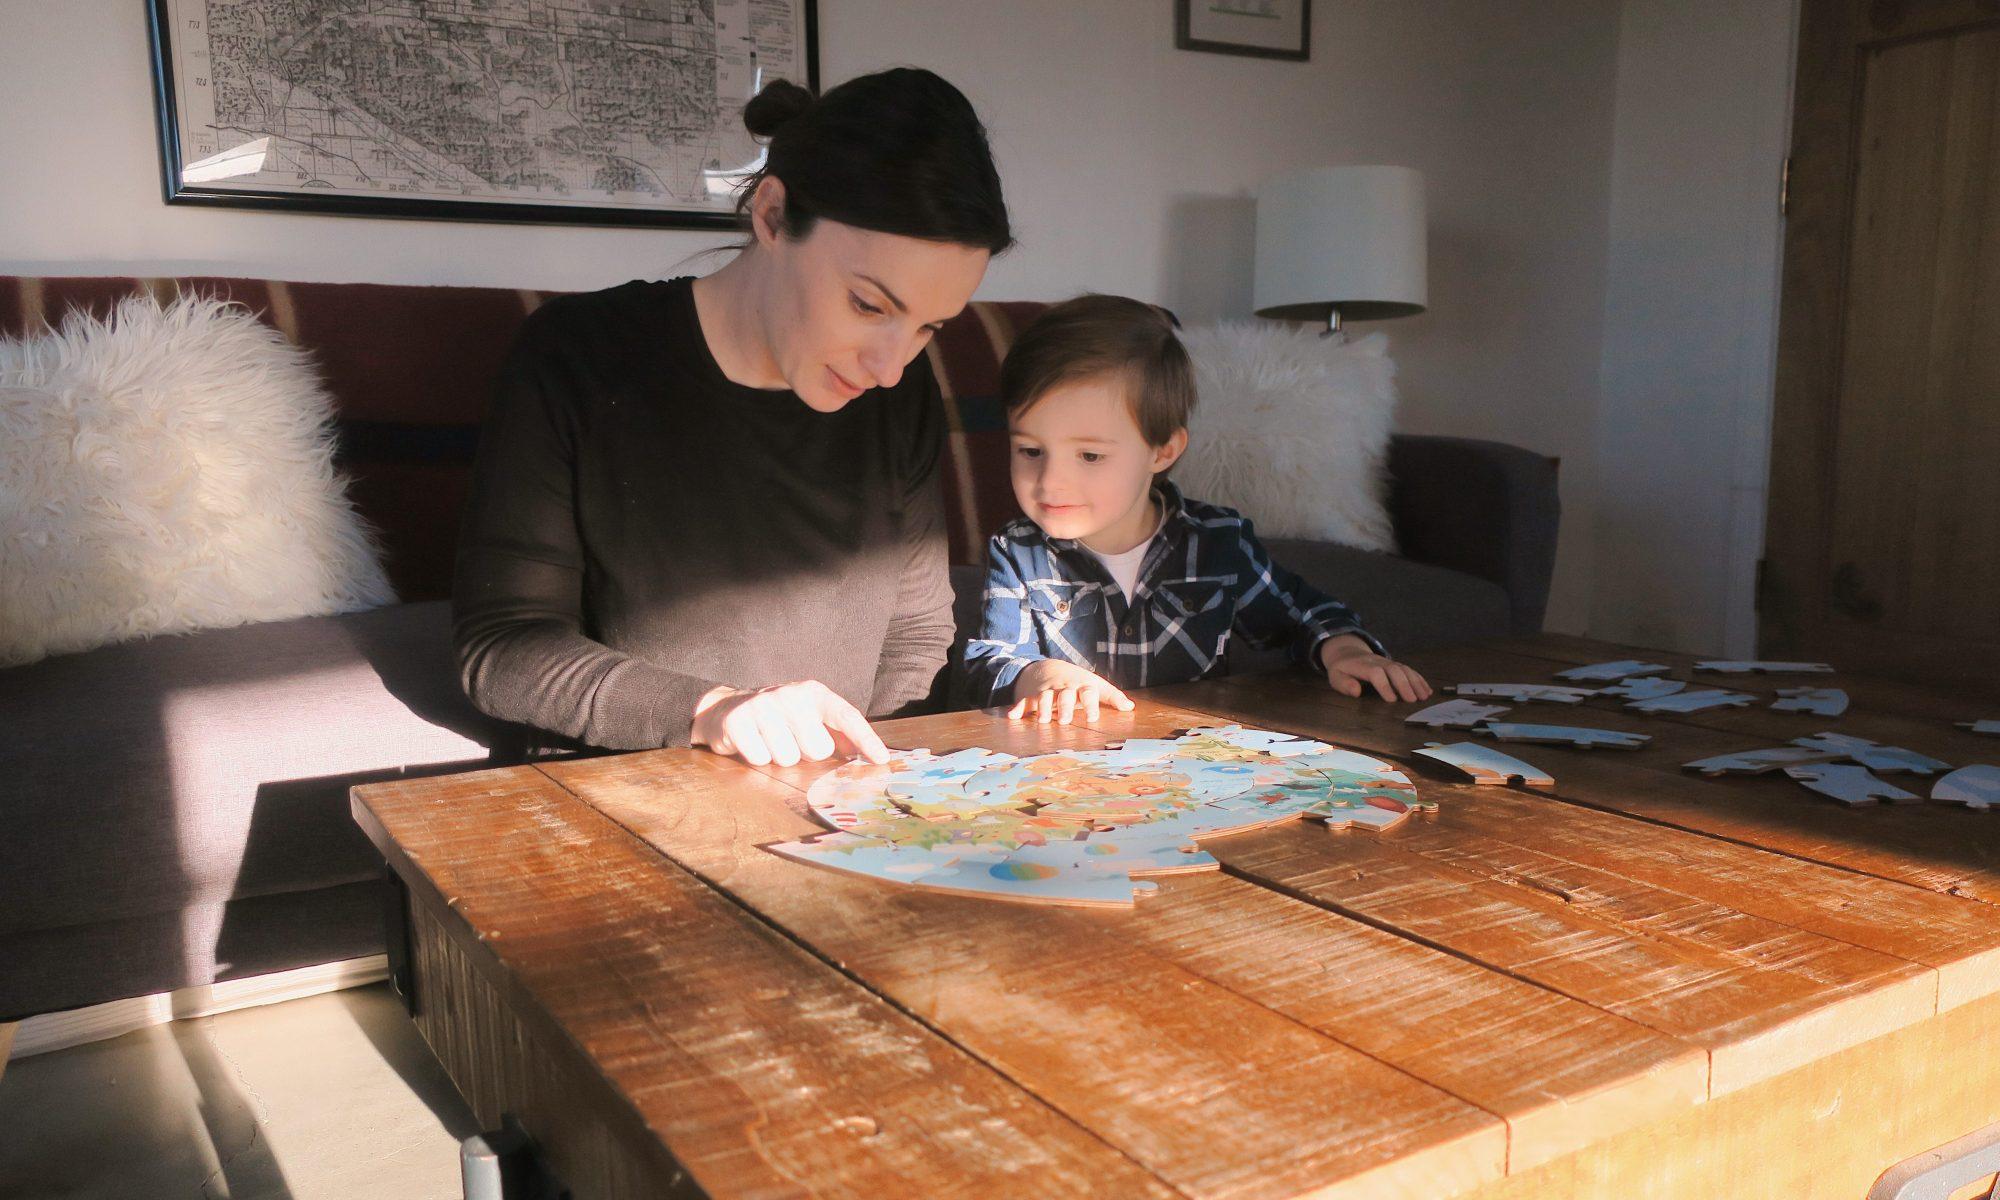 Maman et enfant faisant un puzzle